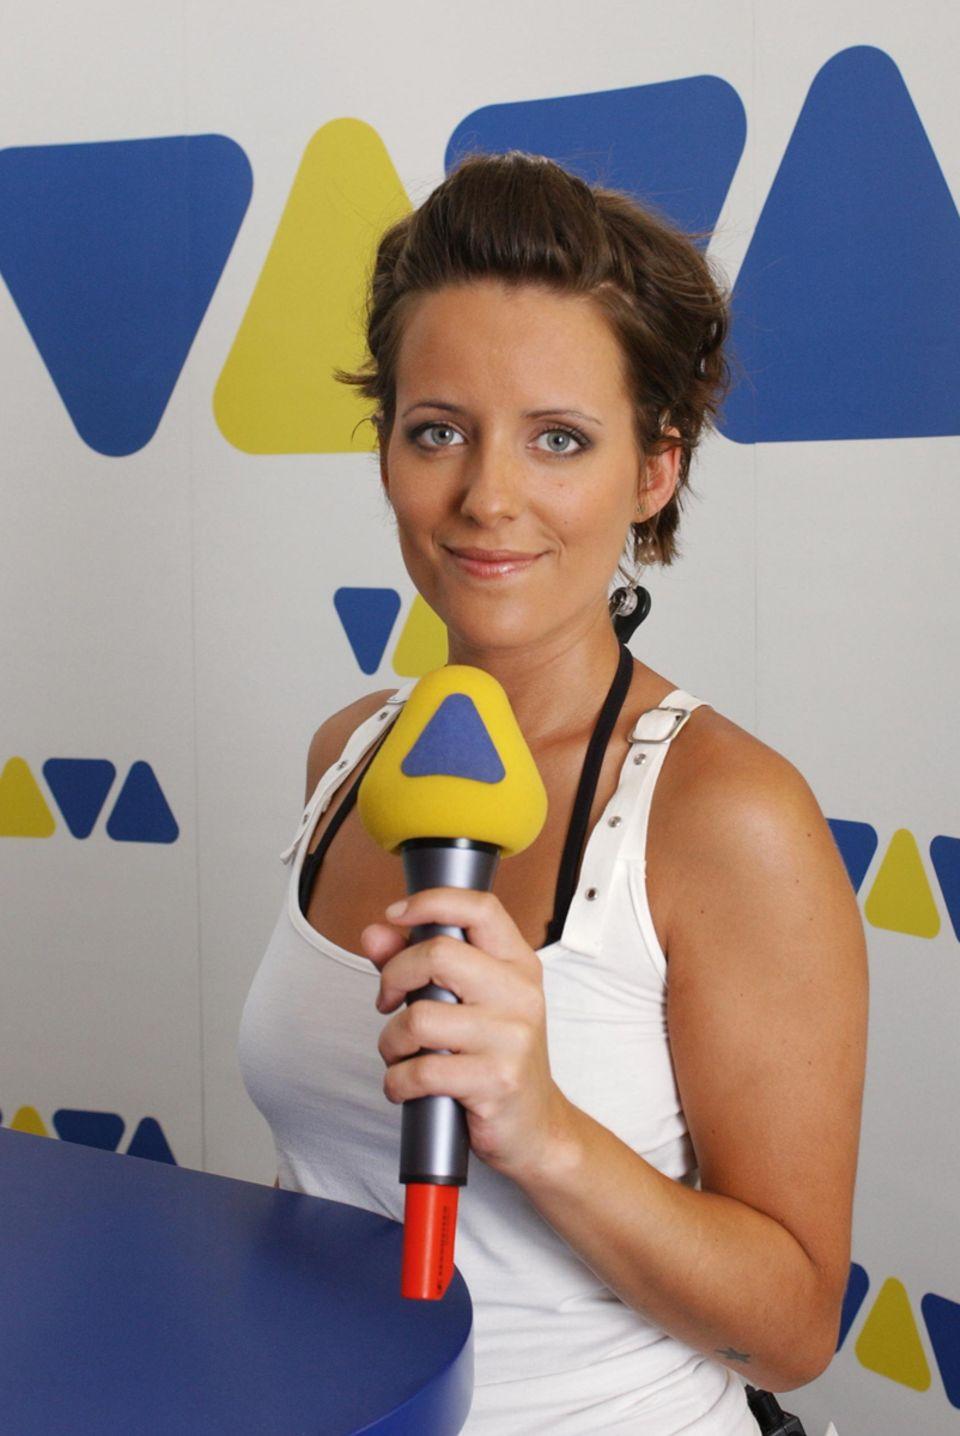 """Sarah Kuttner  Im November 2001 wird Sarah Kuttner in einem bundesweiten Casting des Musiksenders VIVA als neue Moderatorin ausgewählt. Bis 2004 moderiert sie daraufhin im Wechsel mit Gülcan Kamps die Nachmittagssendung """"Interaktiv"""" sowie verschiedene Chart- und Event-Shows im VIVA-Programm. Nach ihrer VIVA-Karriere folgen viele Moderationsjobs und eigene Shows bei dem Sender ZDF Neo."""